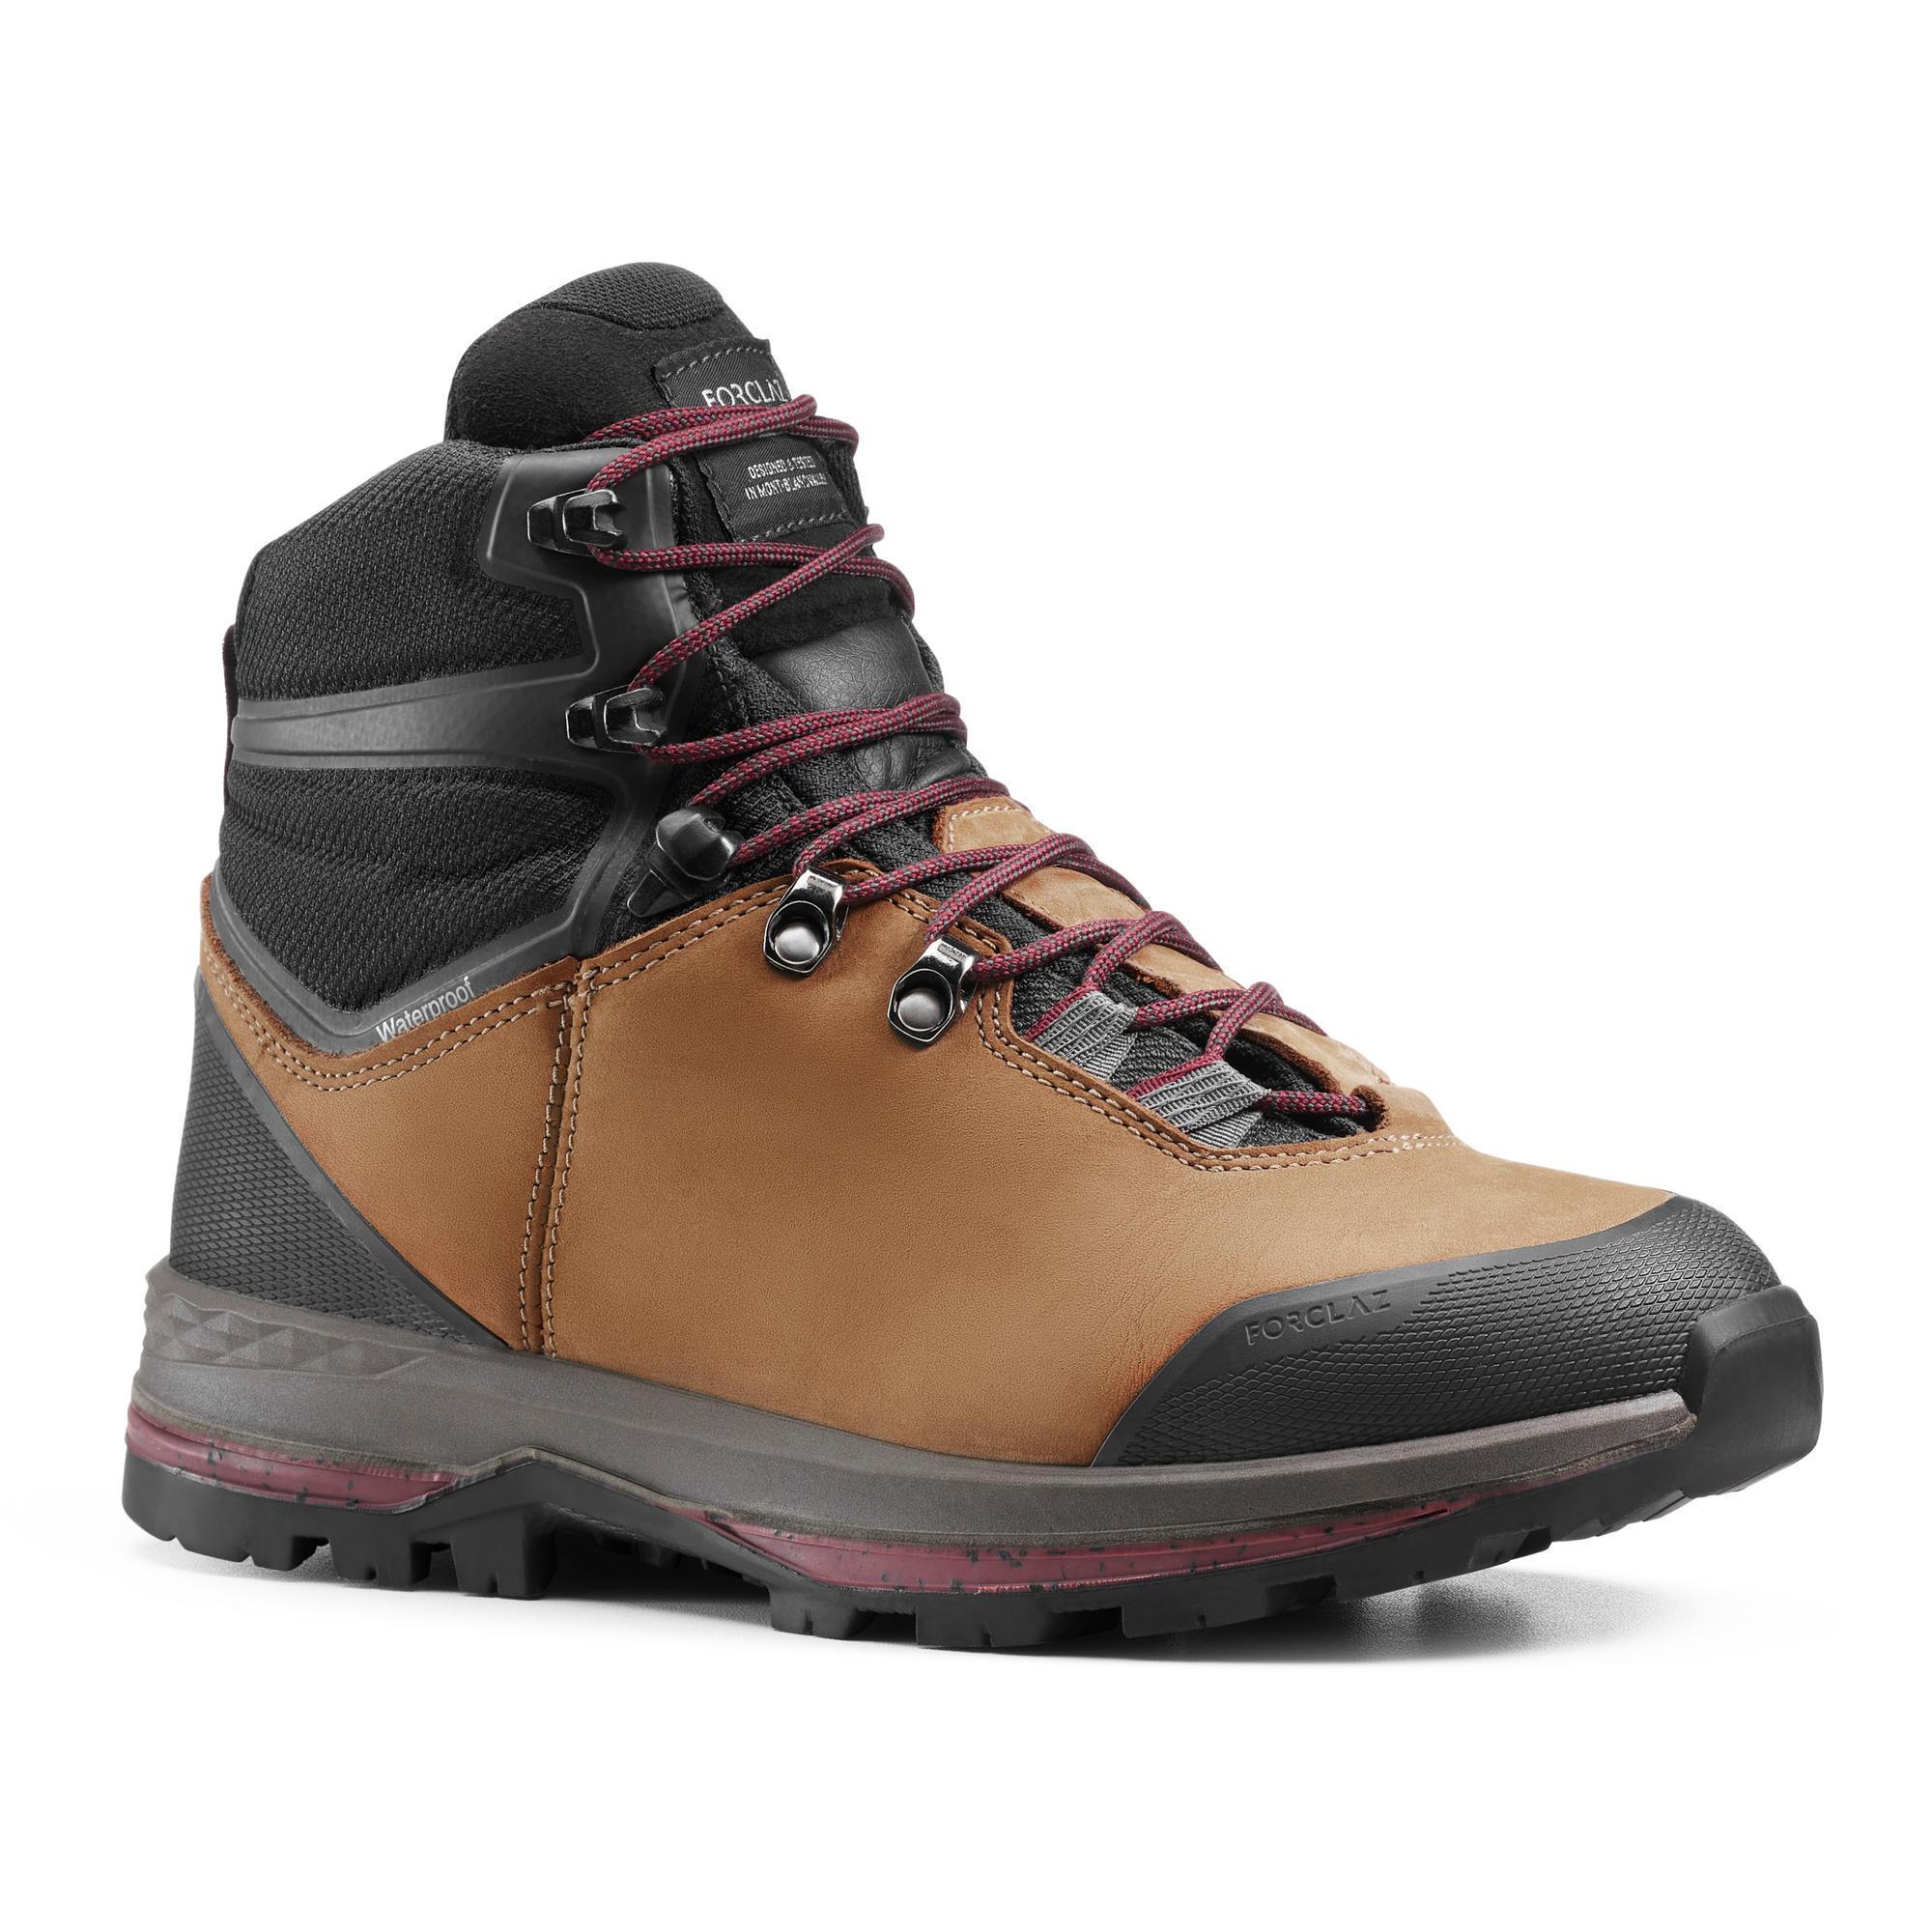 Chaussures en cuir semelles souples de trekking montagne -TREK100 CUIR femme - Forclaz